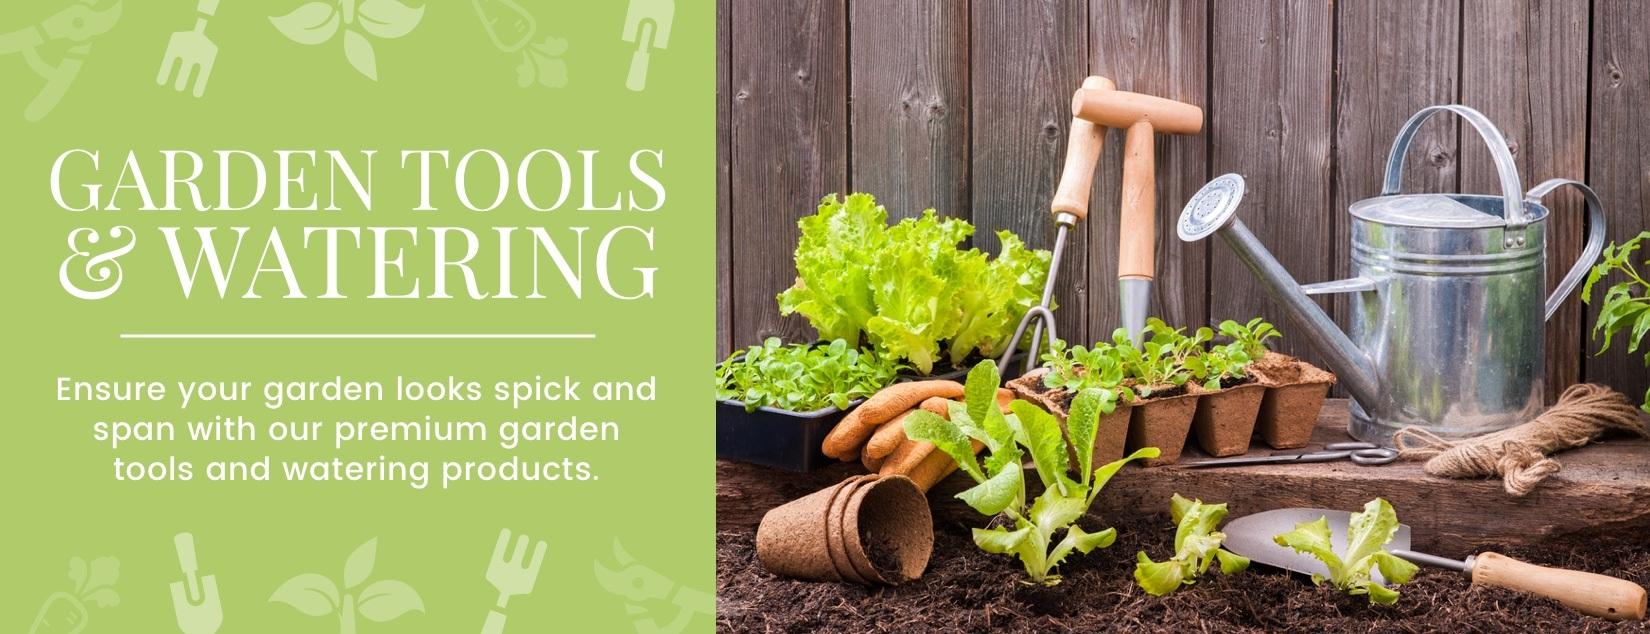 Garden Tools & Watering